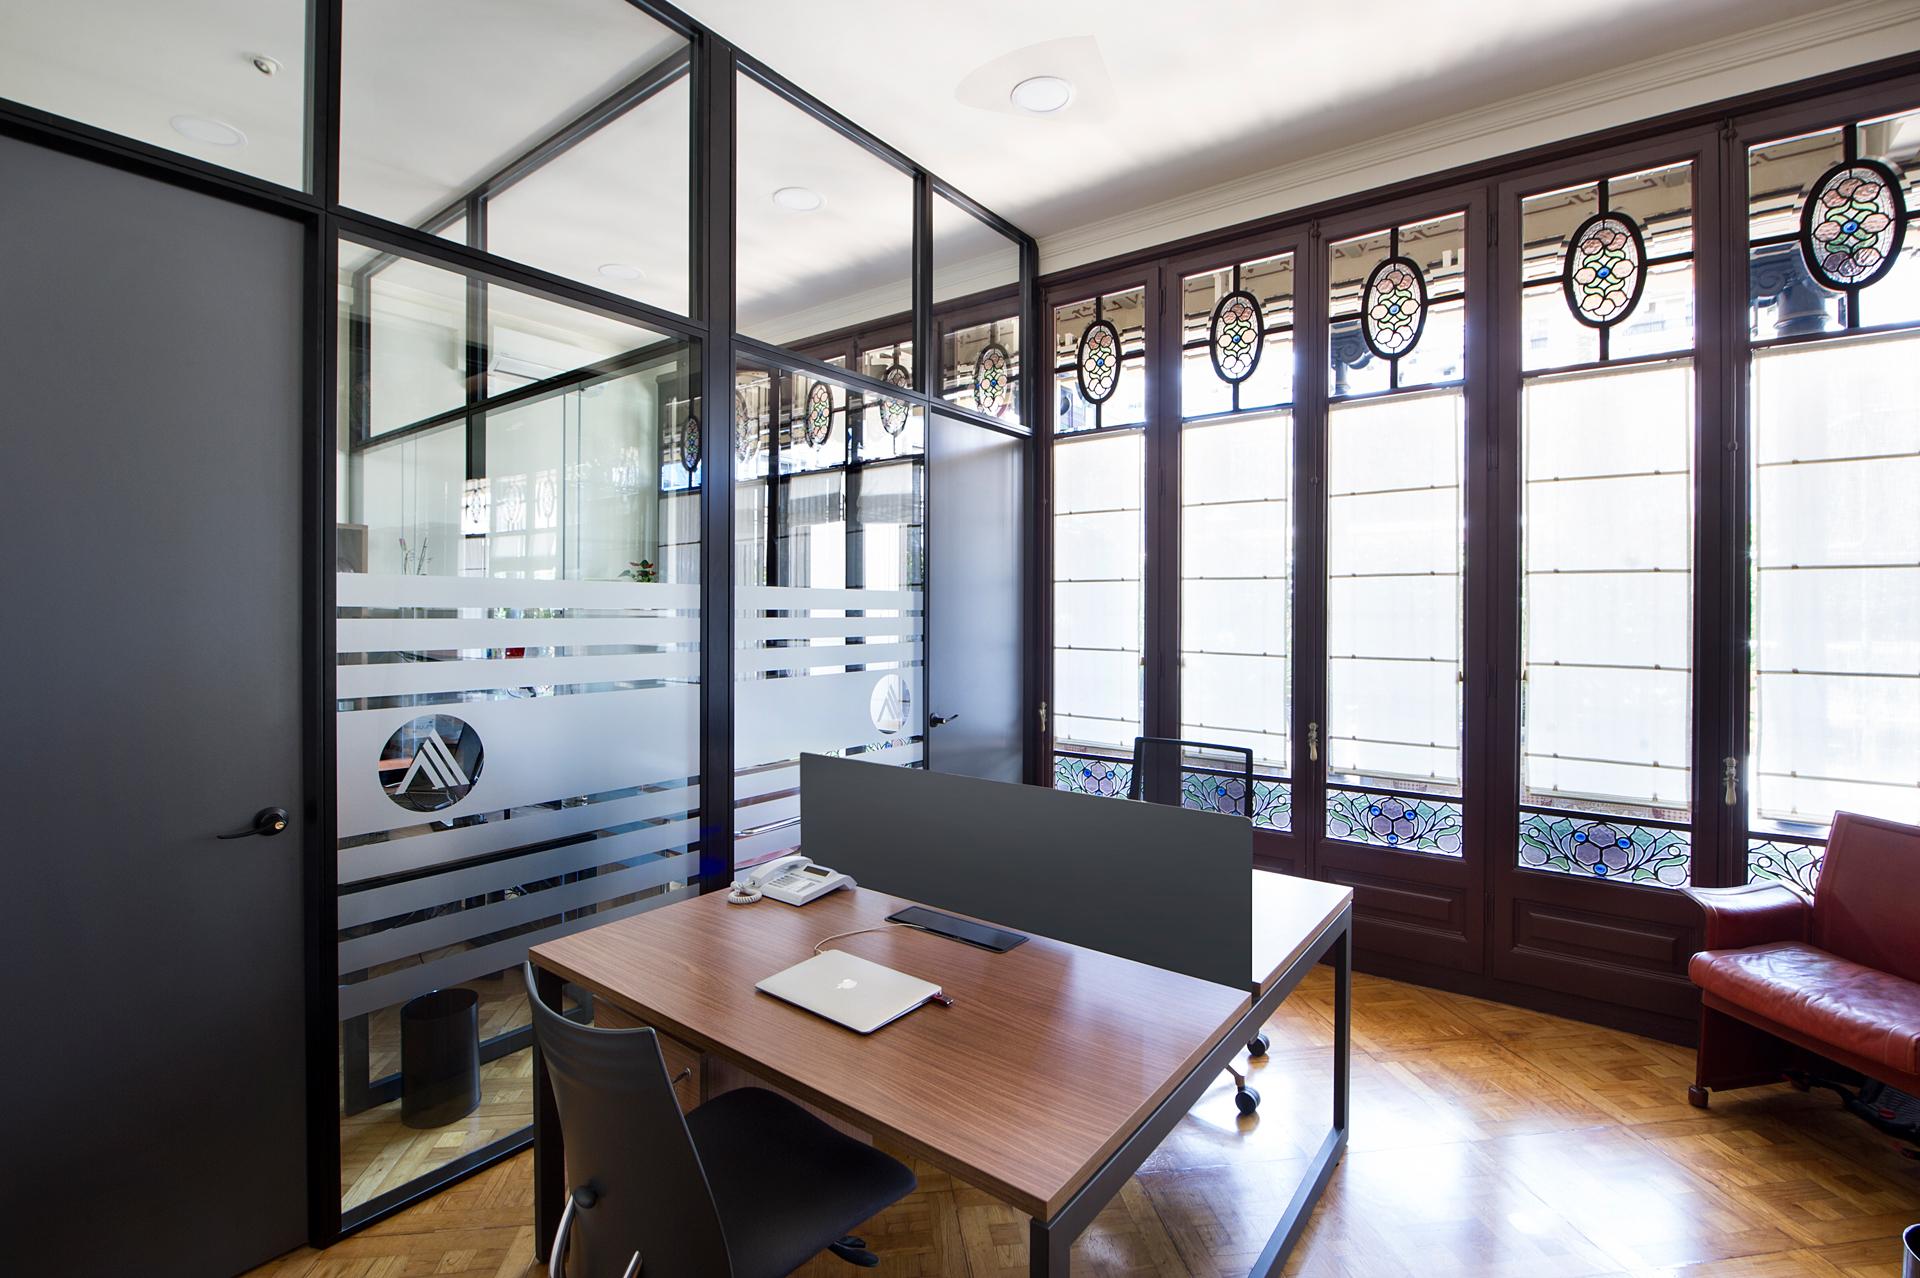 Mamparas oficina entorno modernista